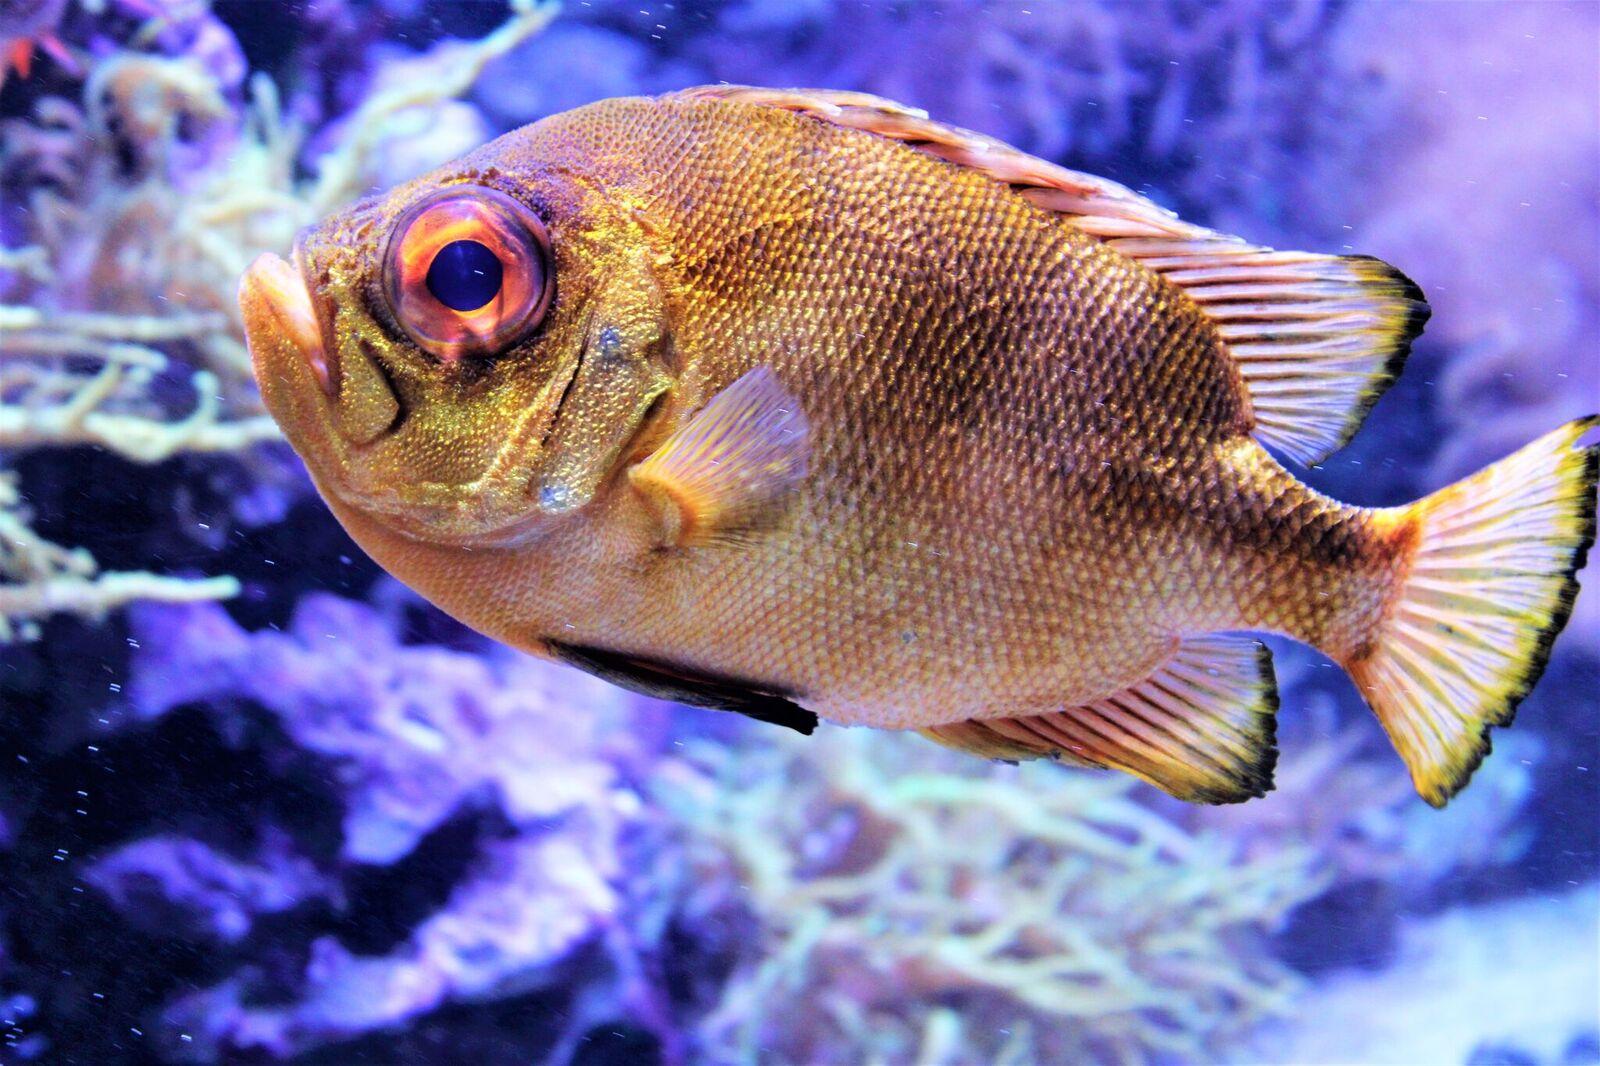 Loomade eestkoste organisatsioon avas kalaportaali